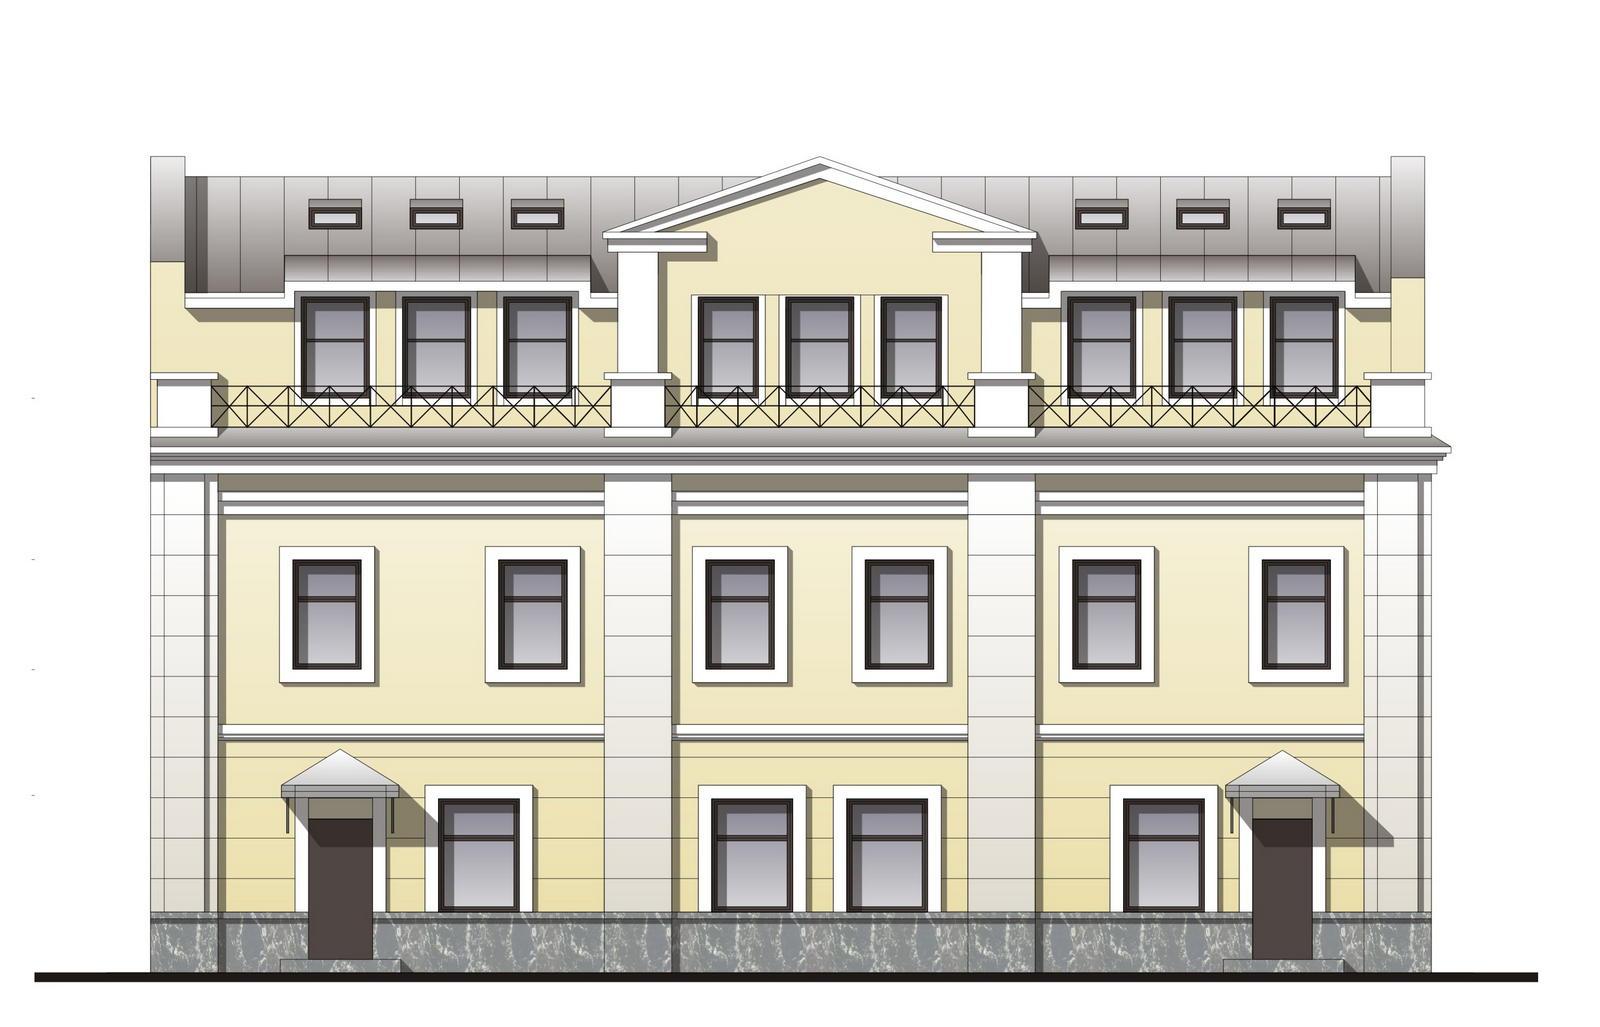 Реконструкция здания под медицинский центр по адресу: СПб, ул. Заставская, 34, лит.А.